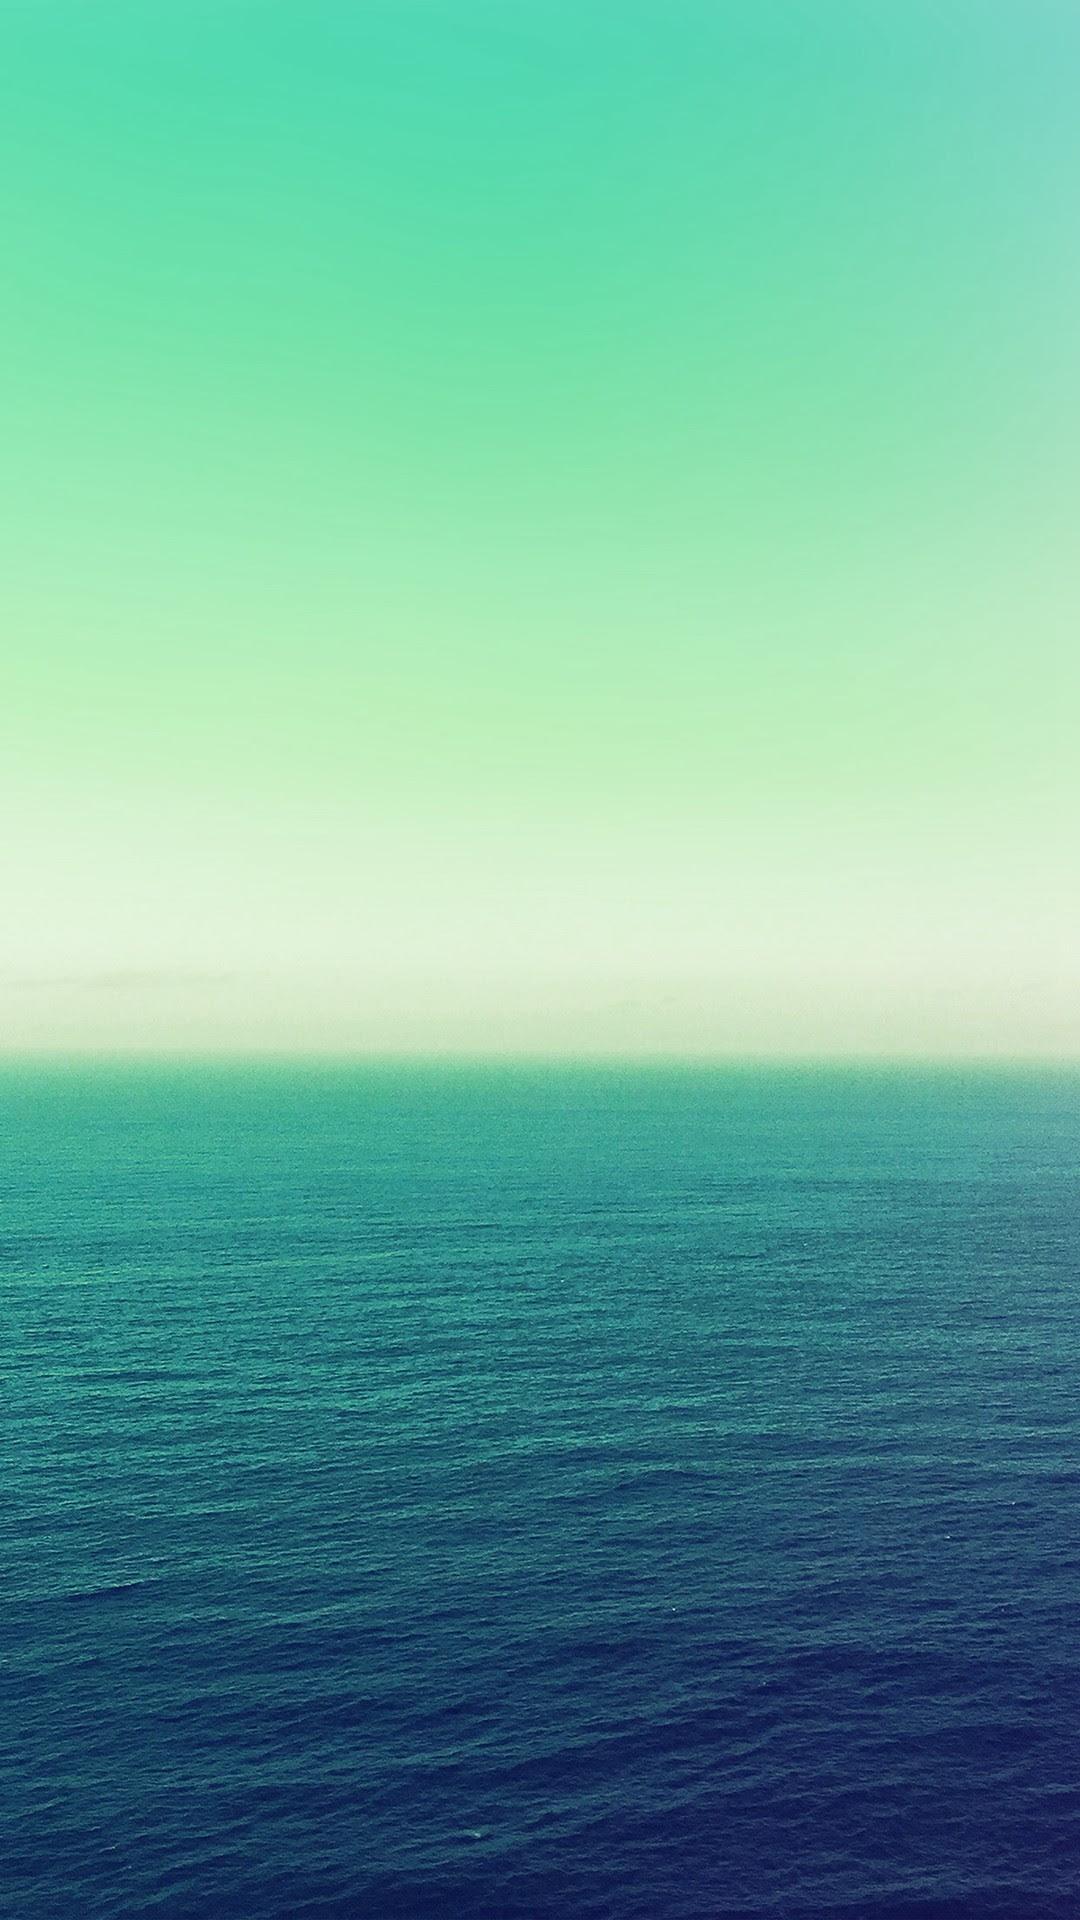 Aqua Green Wallpaper (68+ images)